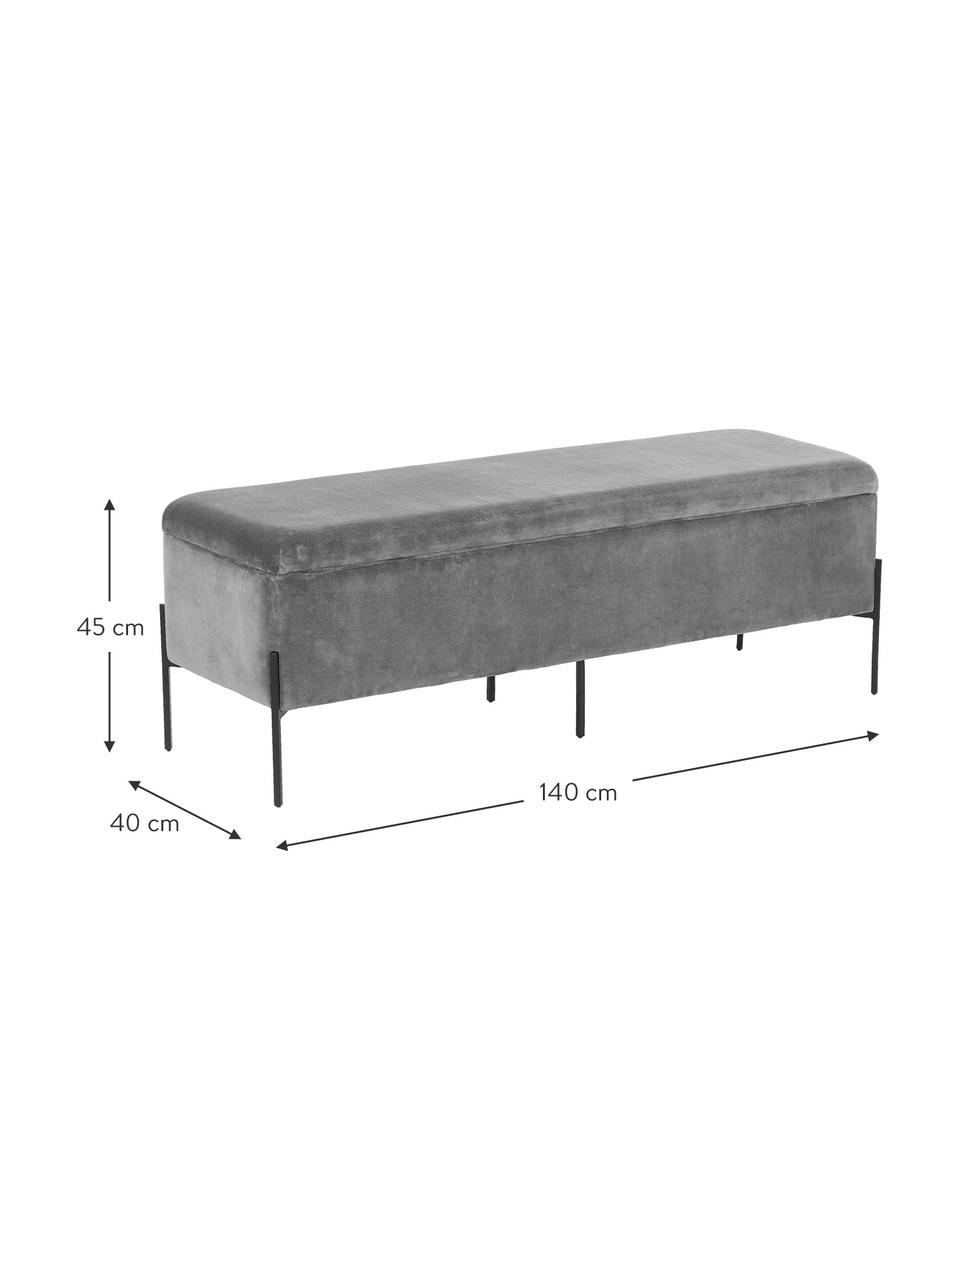 Fluwelen bank Harper met opbergruimte, Poten: gepoedercoat metaal, Bekleding: lichtgrijs. Poten: mat zwart, 140 x 45 cm